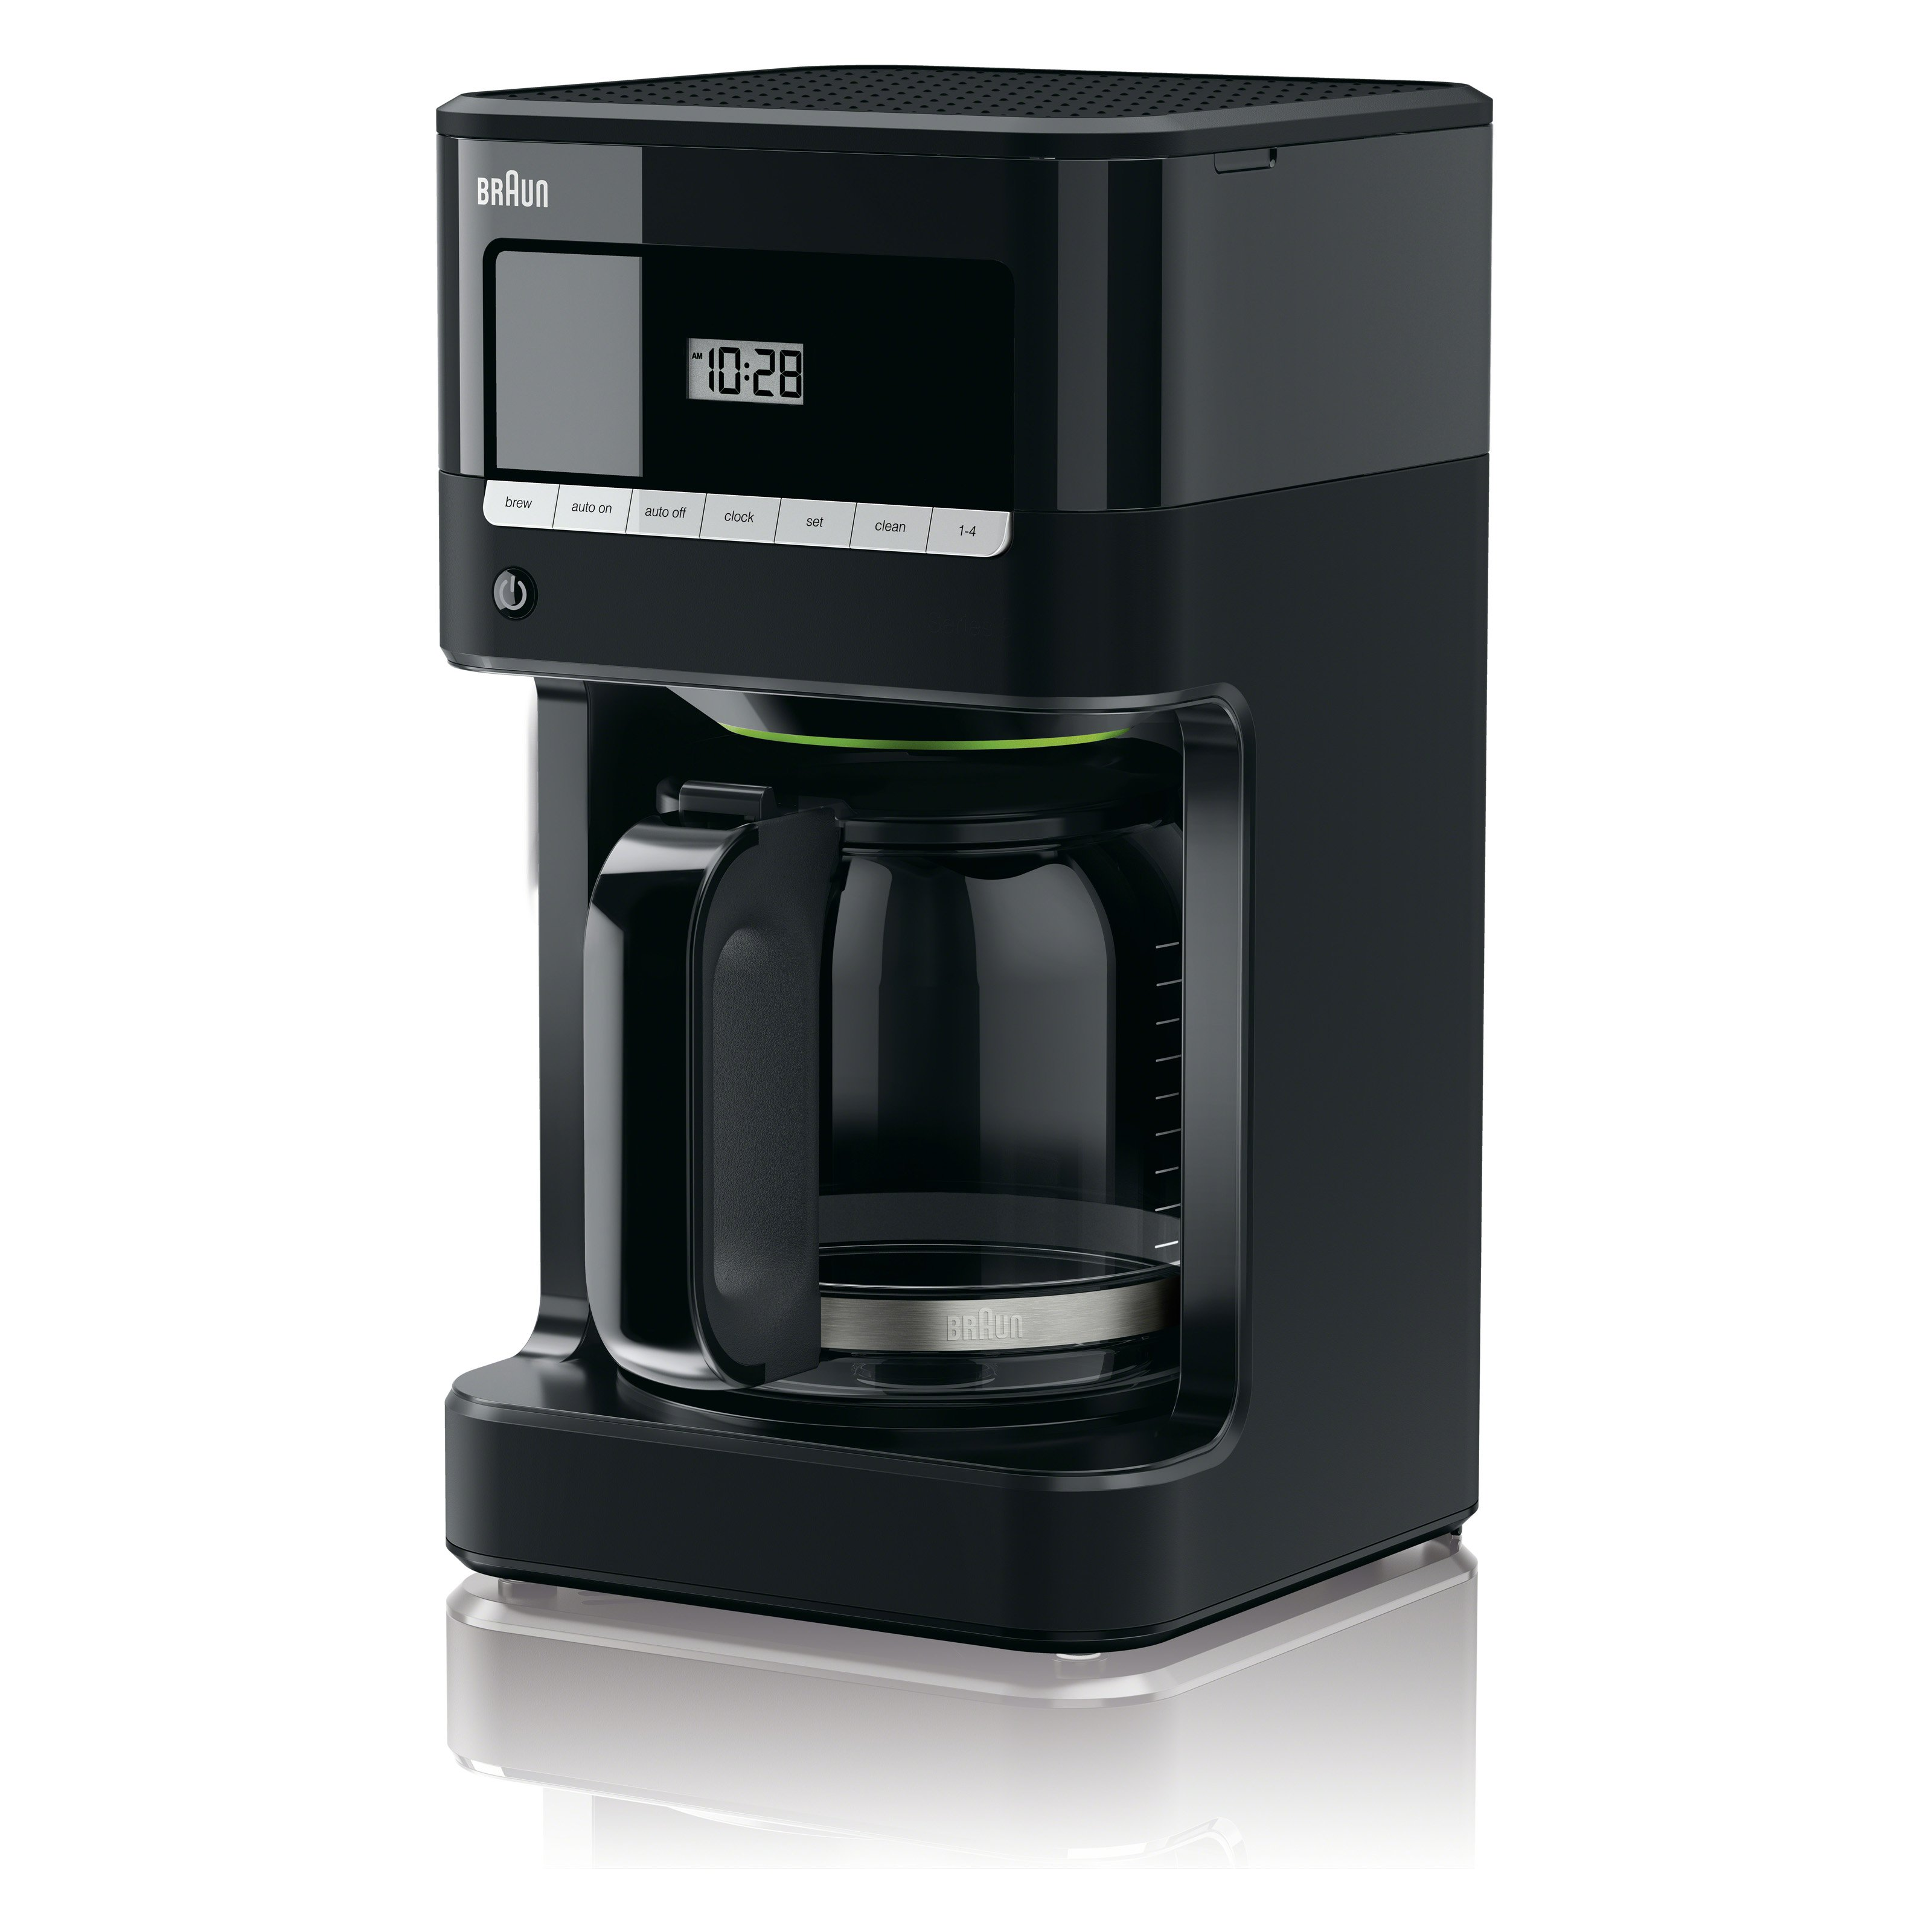 Braun KF7000BK BrewSense 12 Cup Drip Coffee Maker - Black